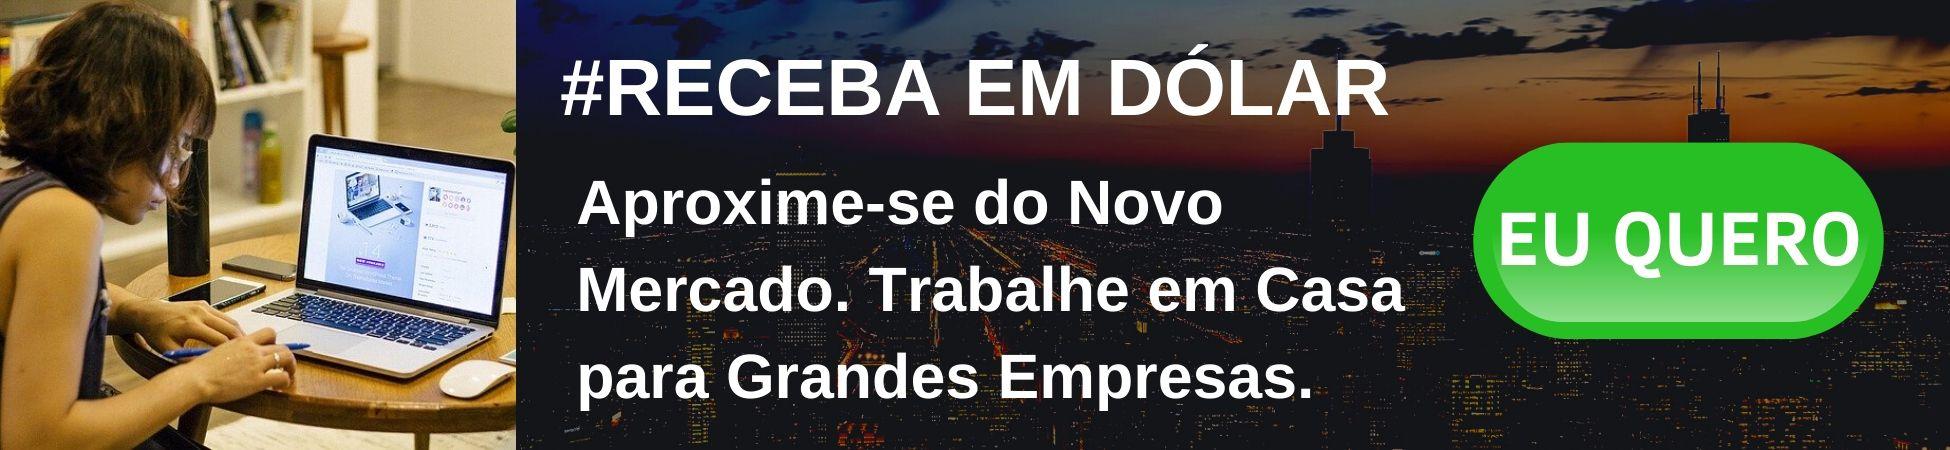 TRUQUE RENDA EXTRA